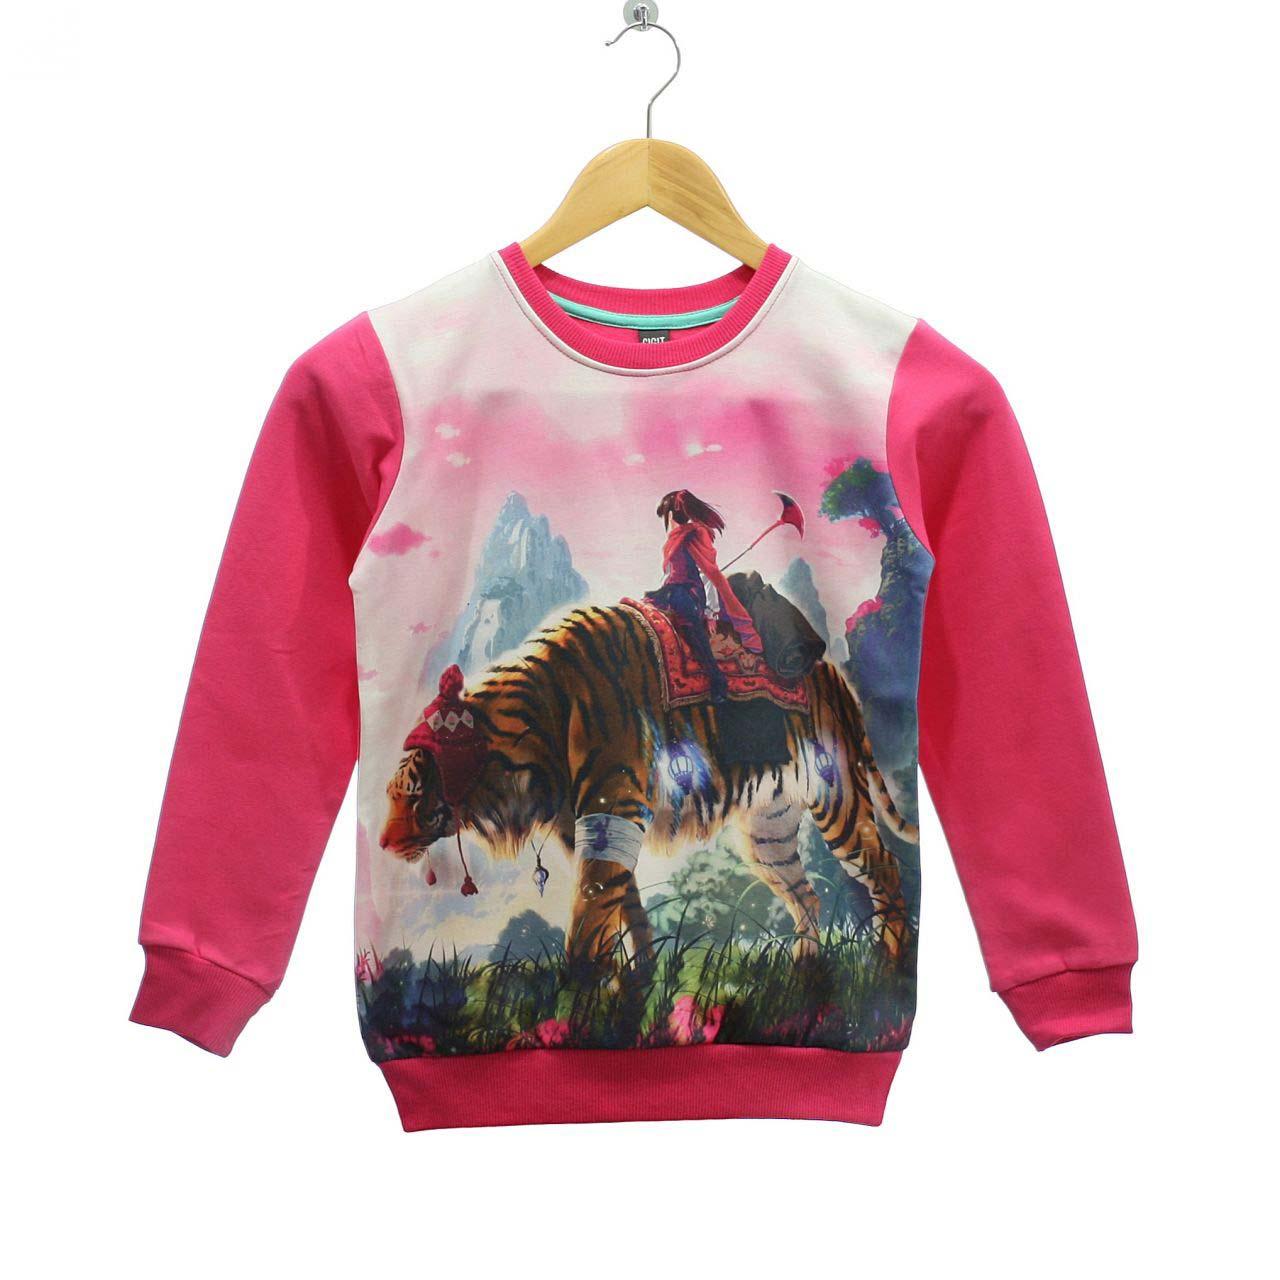 فروش ویژه لباس های ترک